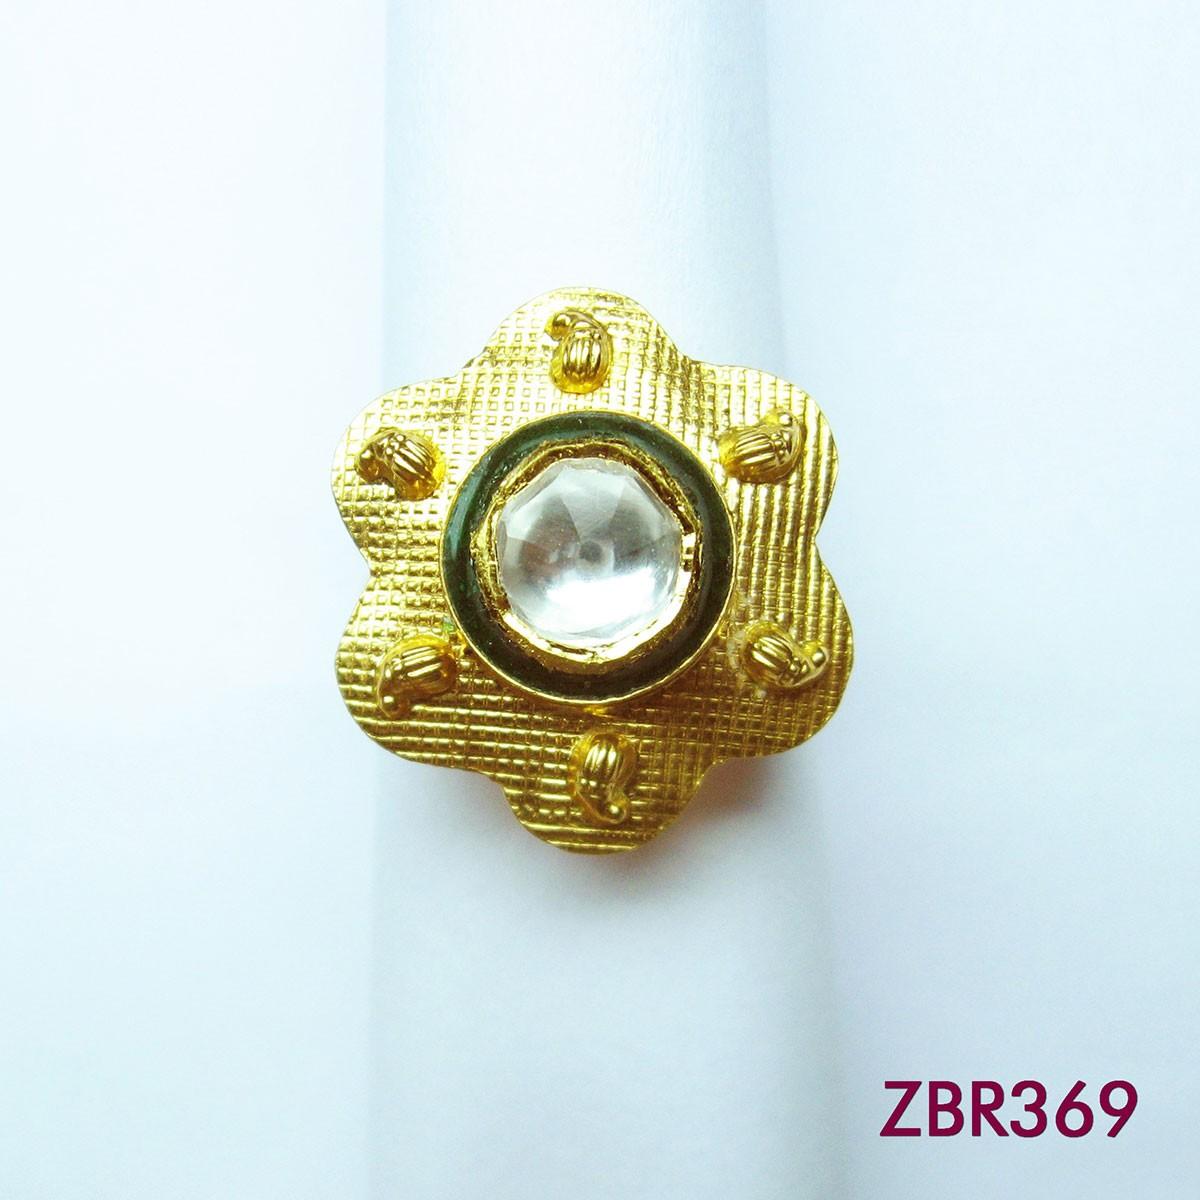 ZBR369